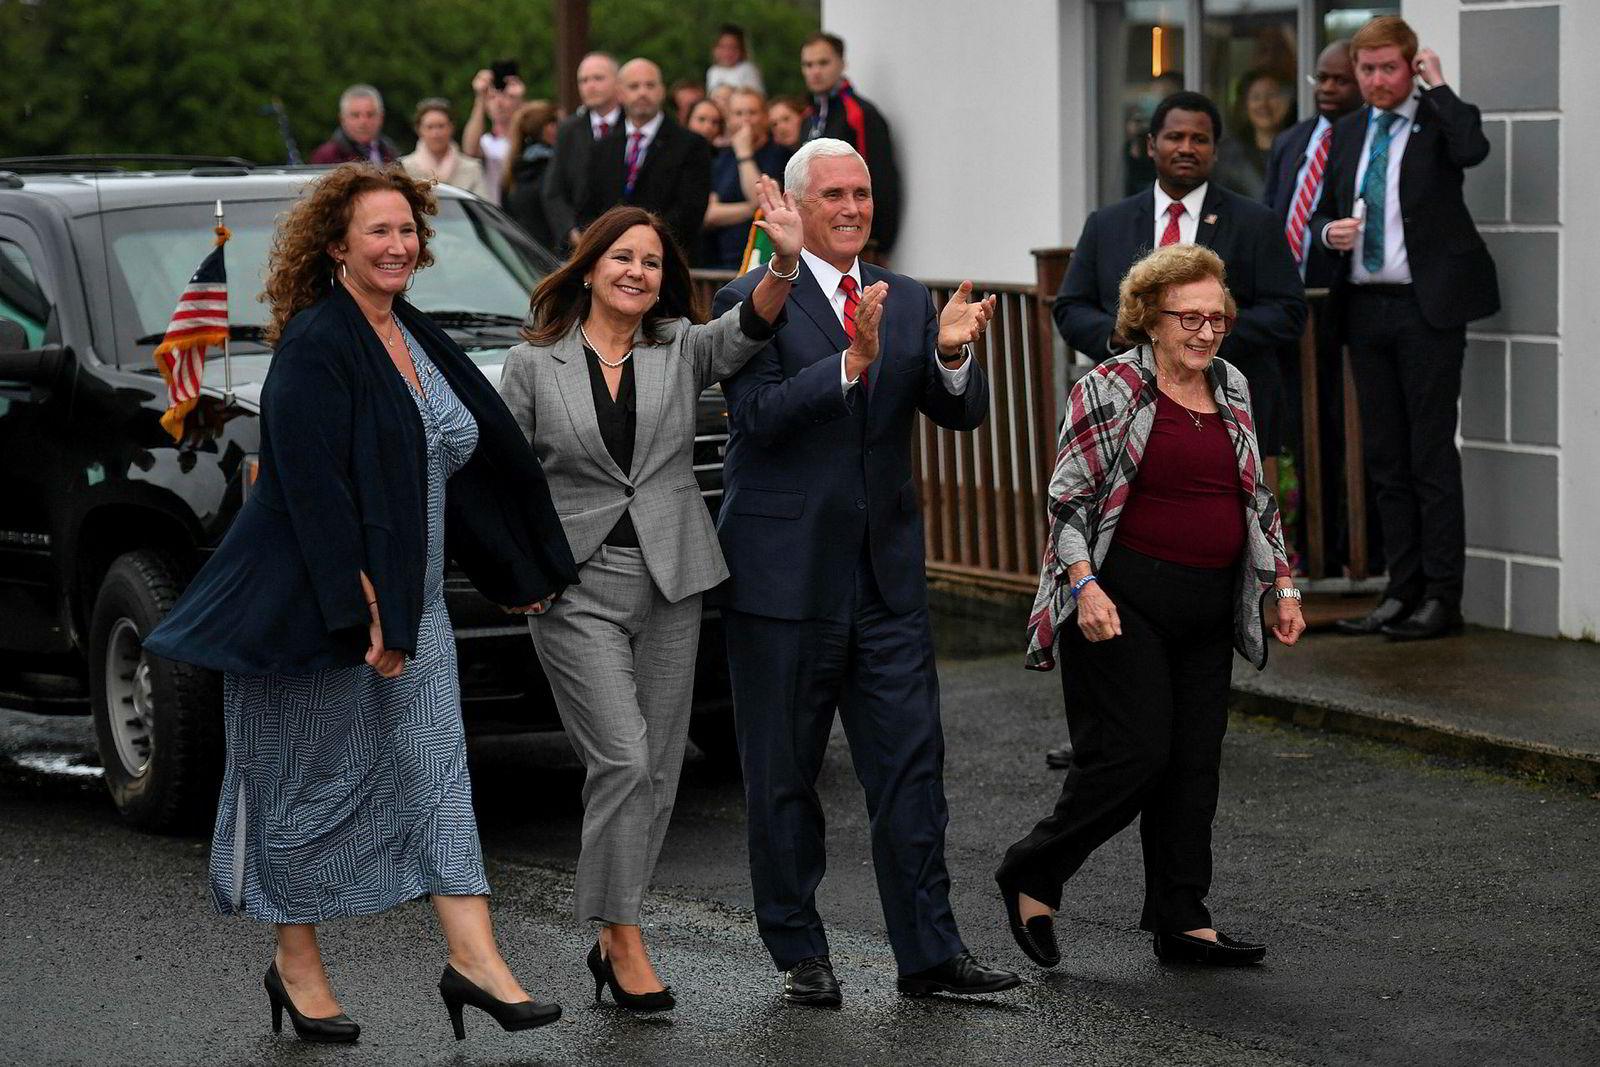 Visepresident Mike Pence under besøket i Doonbeg sist uke. Pence hadde også med seg søsteren Anne Pence Poynter (fra venstre), konen Karen Pence og moren Nancy Pence Fritsch til Irland.